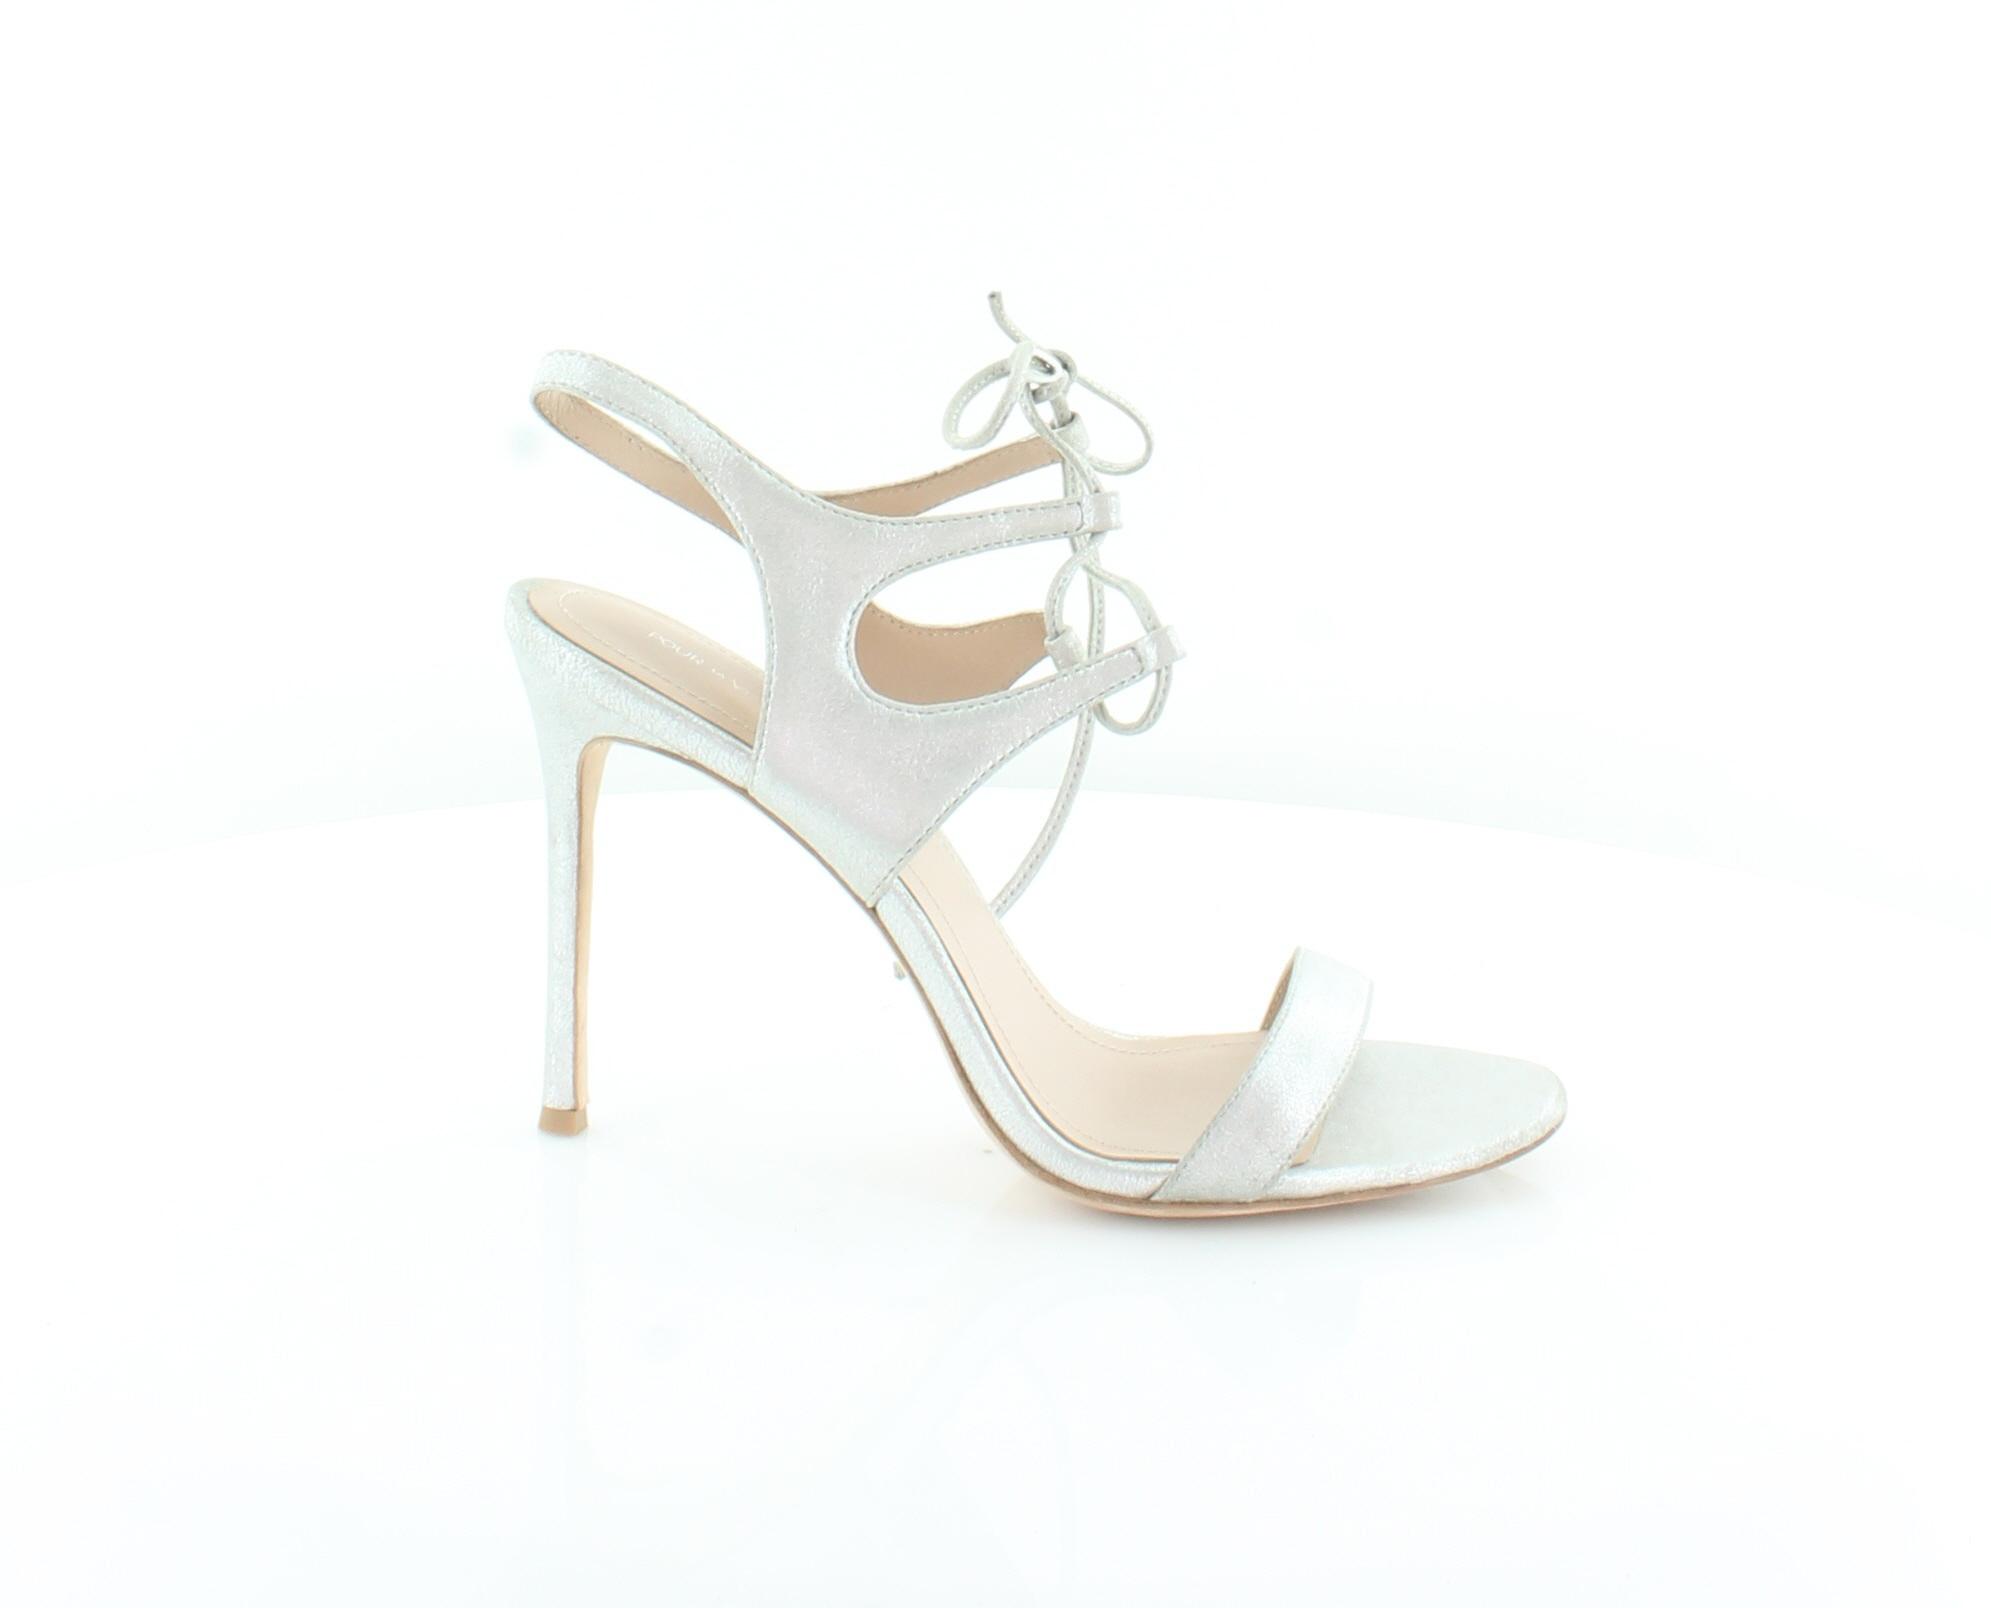 Pour La Victoire Elisa Silver Womens shoes Size Size Size 9.5 M Sandals MSRP  245 c47854